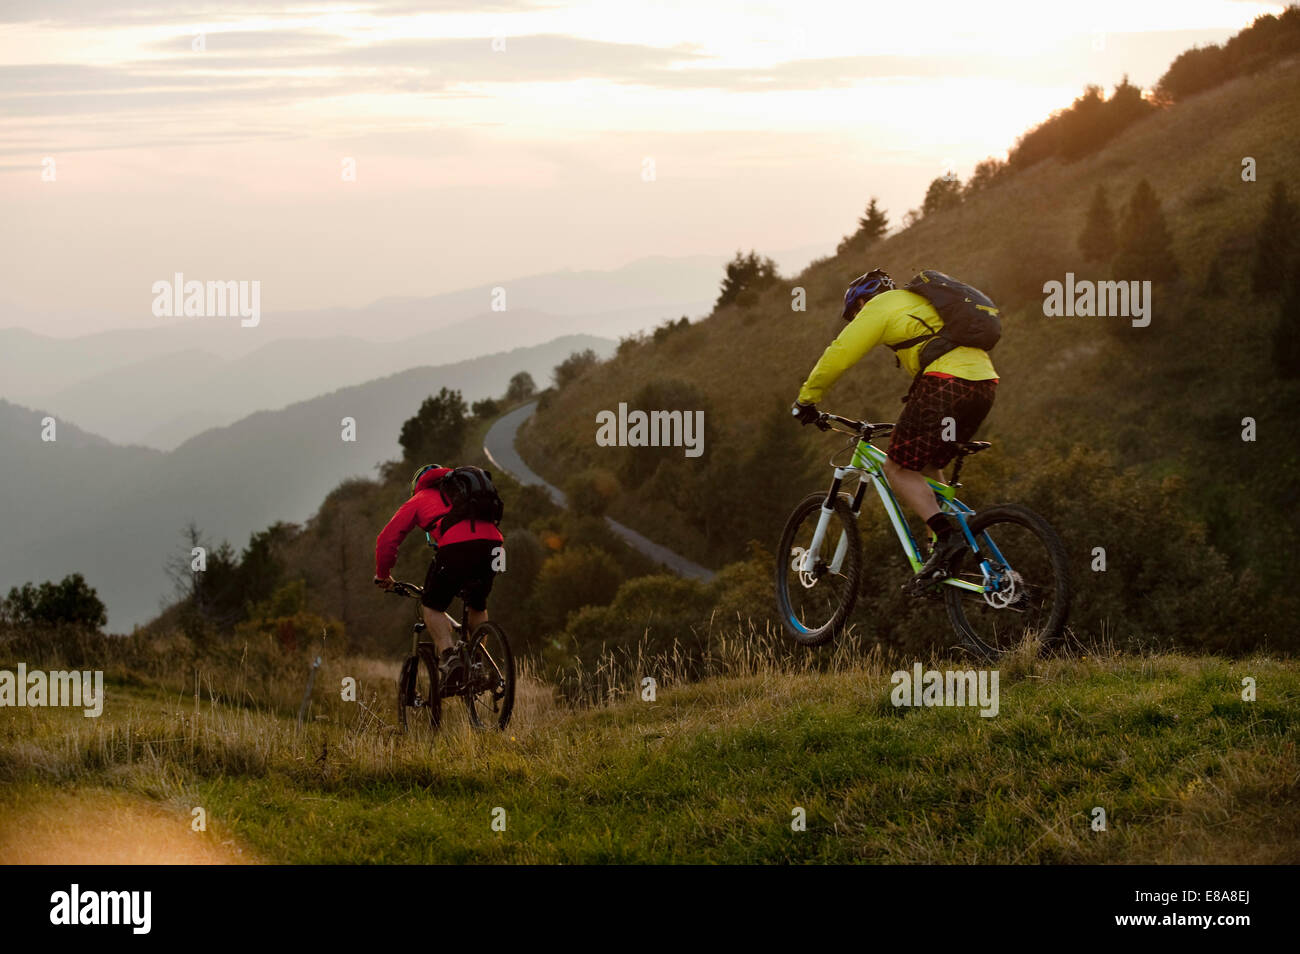 two mountain bikers on the way, Kolovrat, Istria, Slovenia - Stock Image